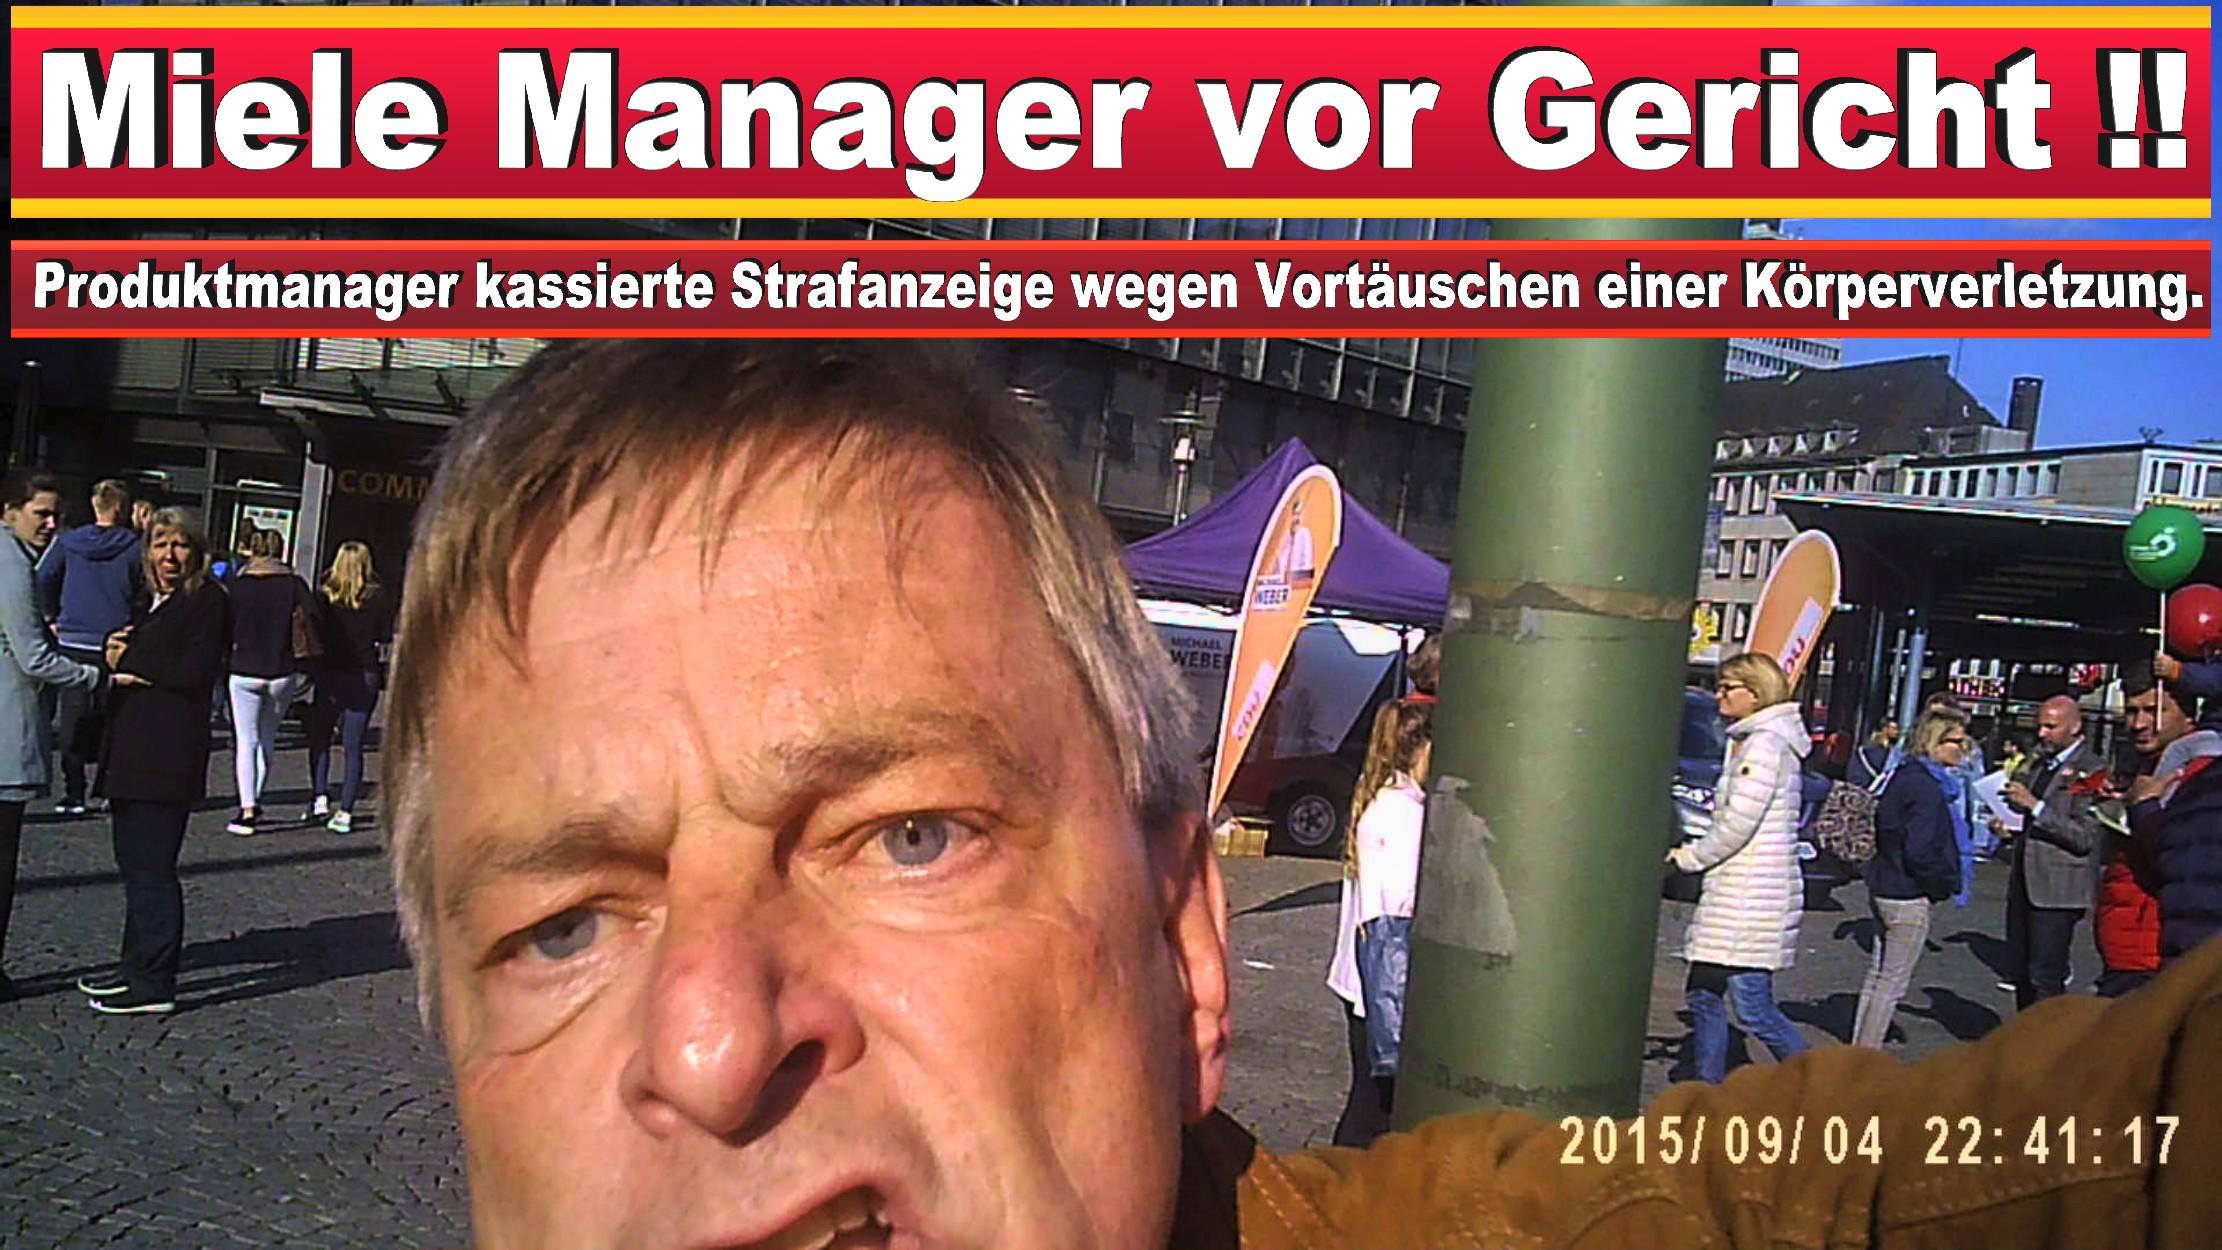 MICHAEL WEBER CDU BIELEFELD GEWALTAUSBRUCH UND STRAFANZEIGE (4)